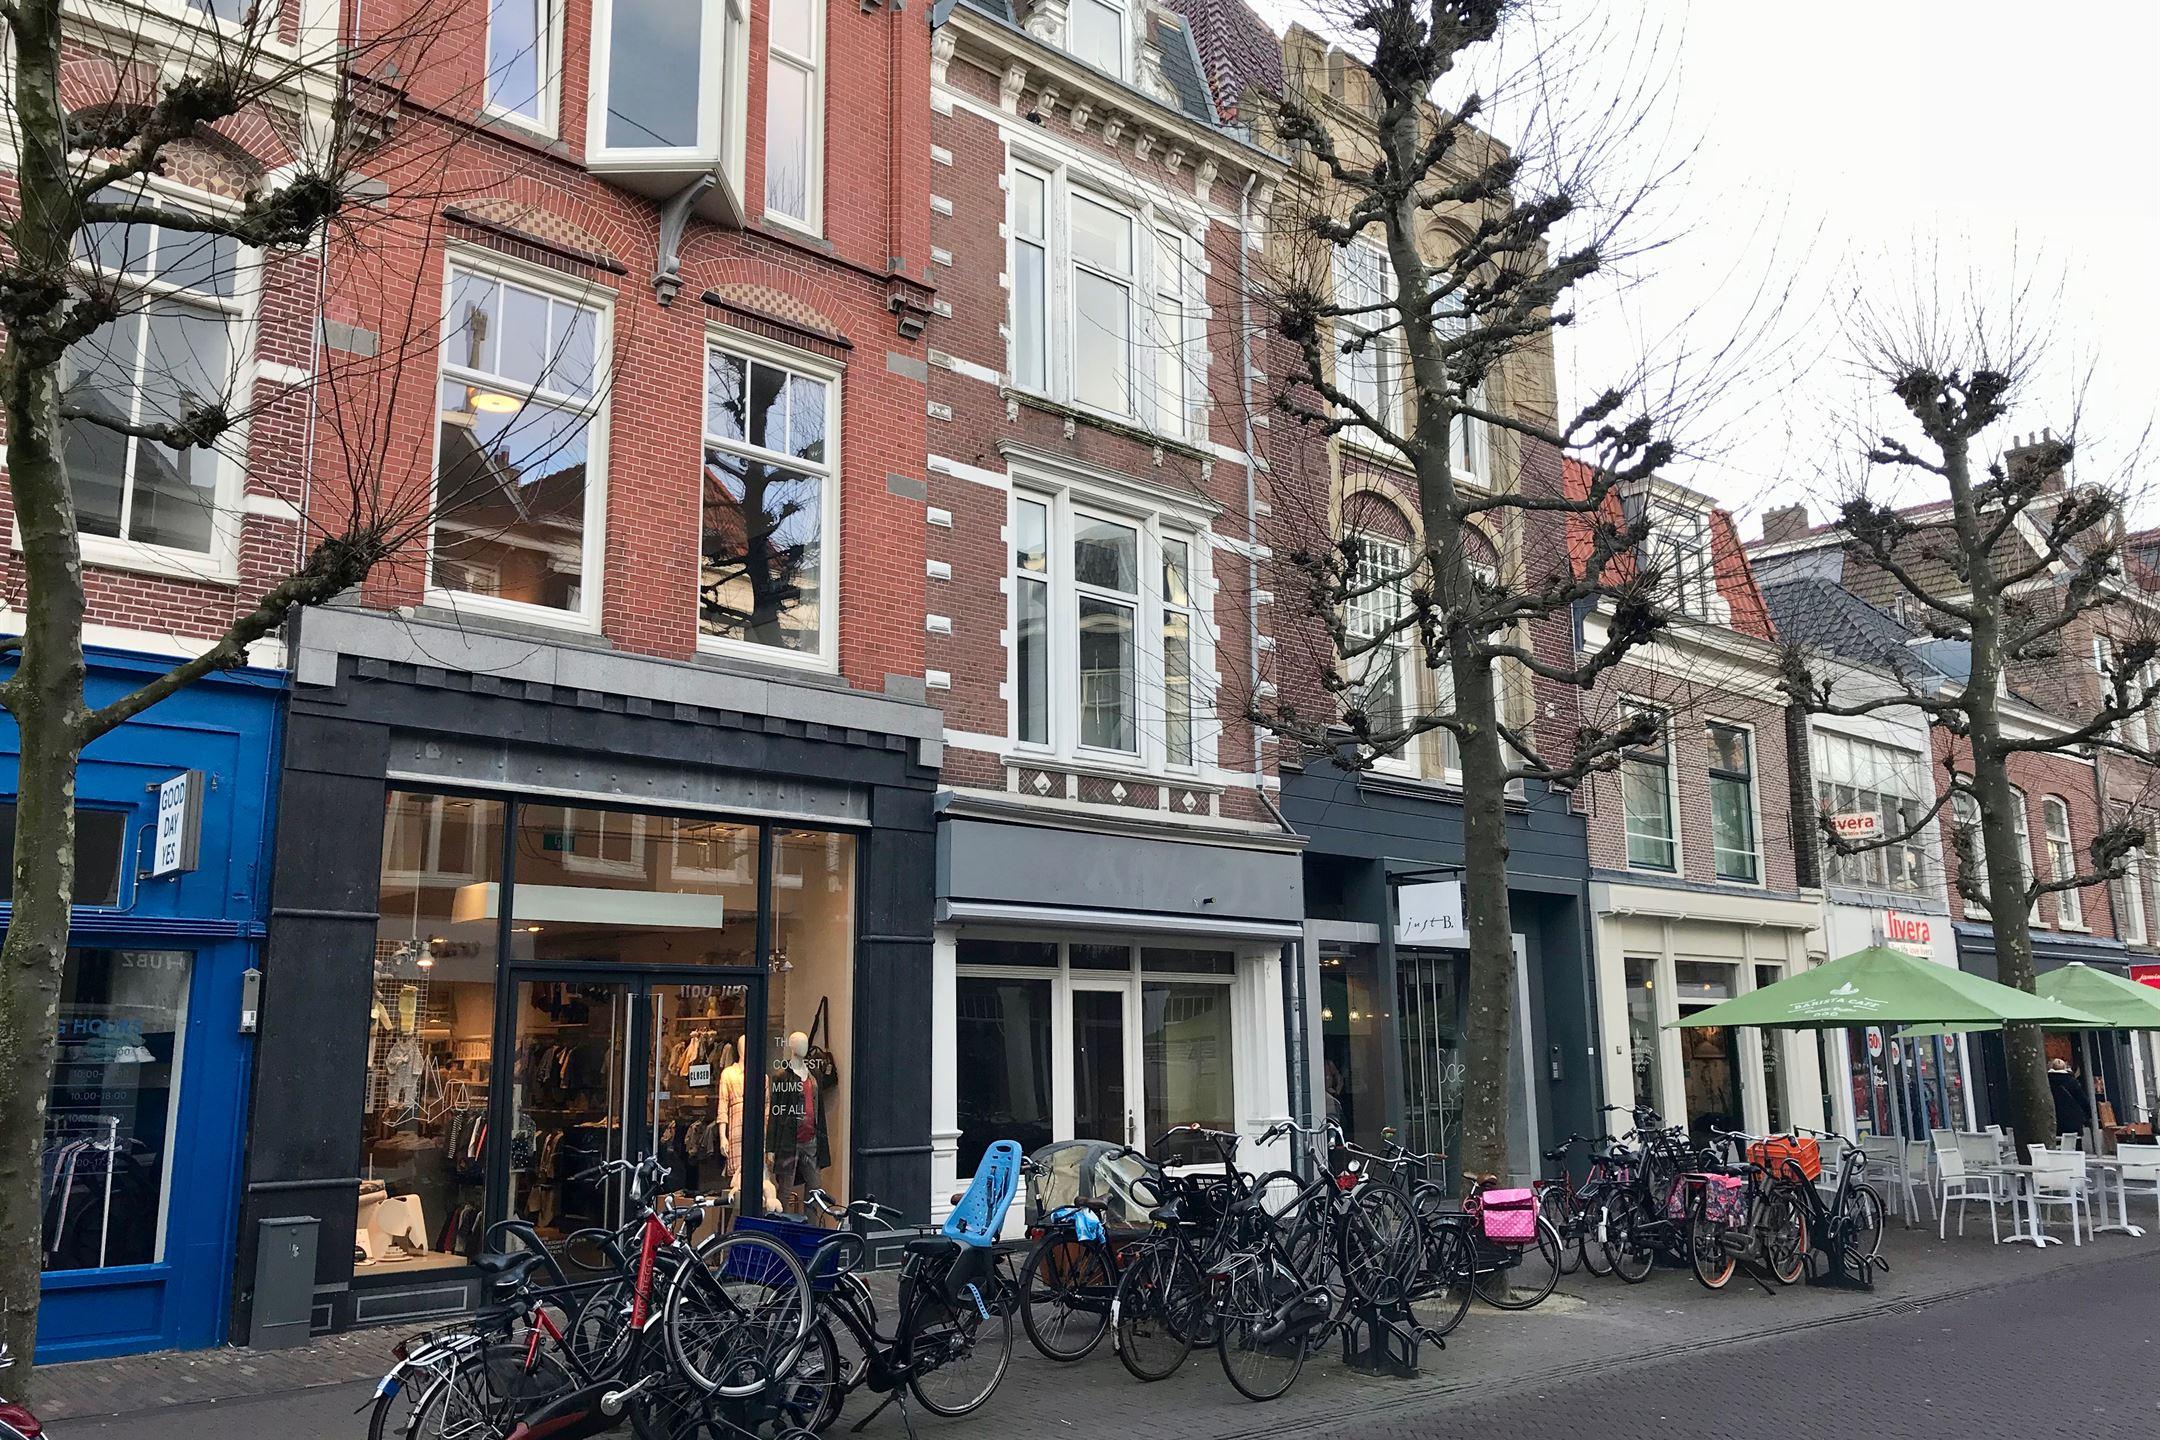 Haarlem zoek verhuurd grote houtstraat 161 2011 sl for Funda haarlem centrum